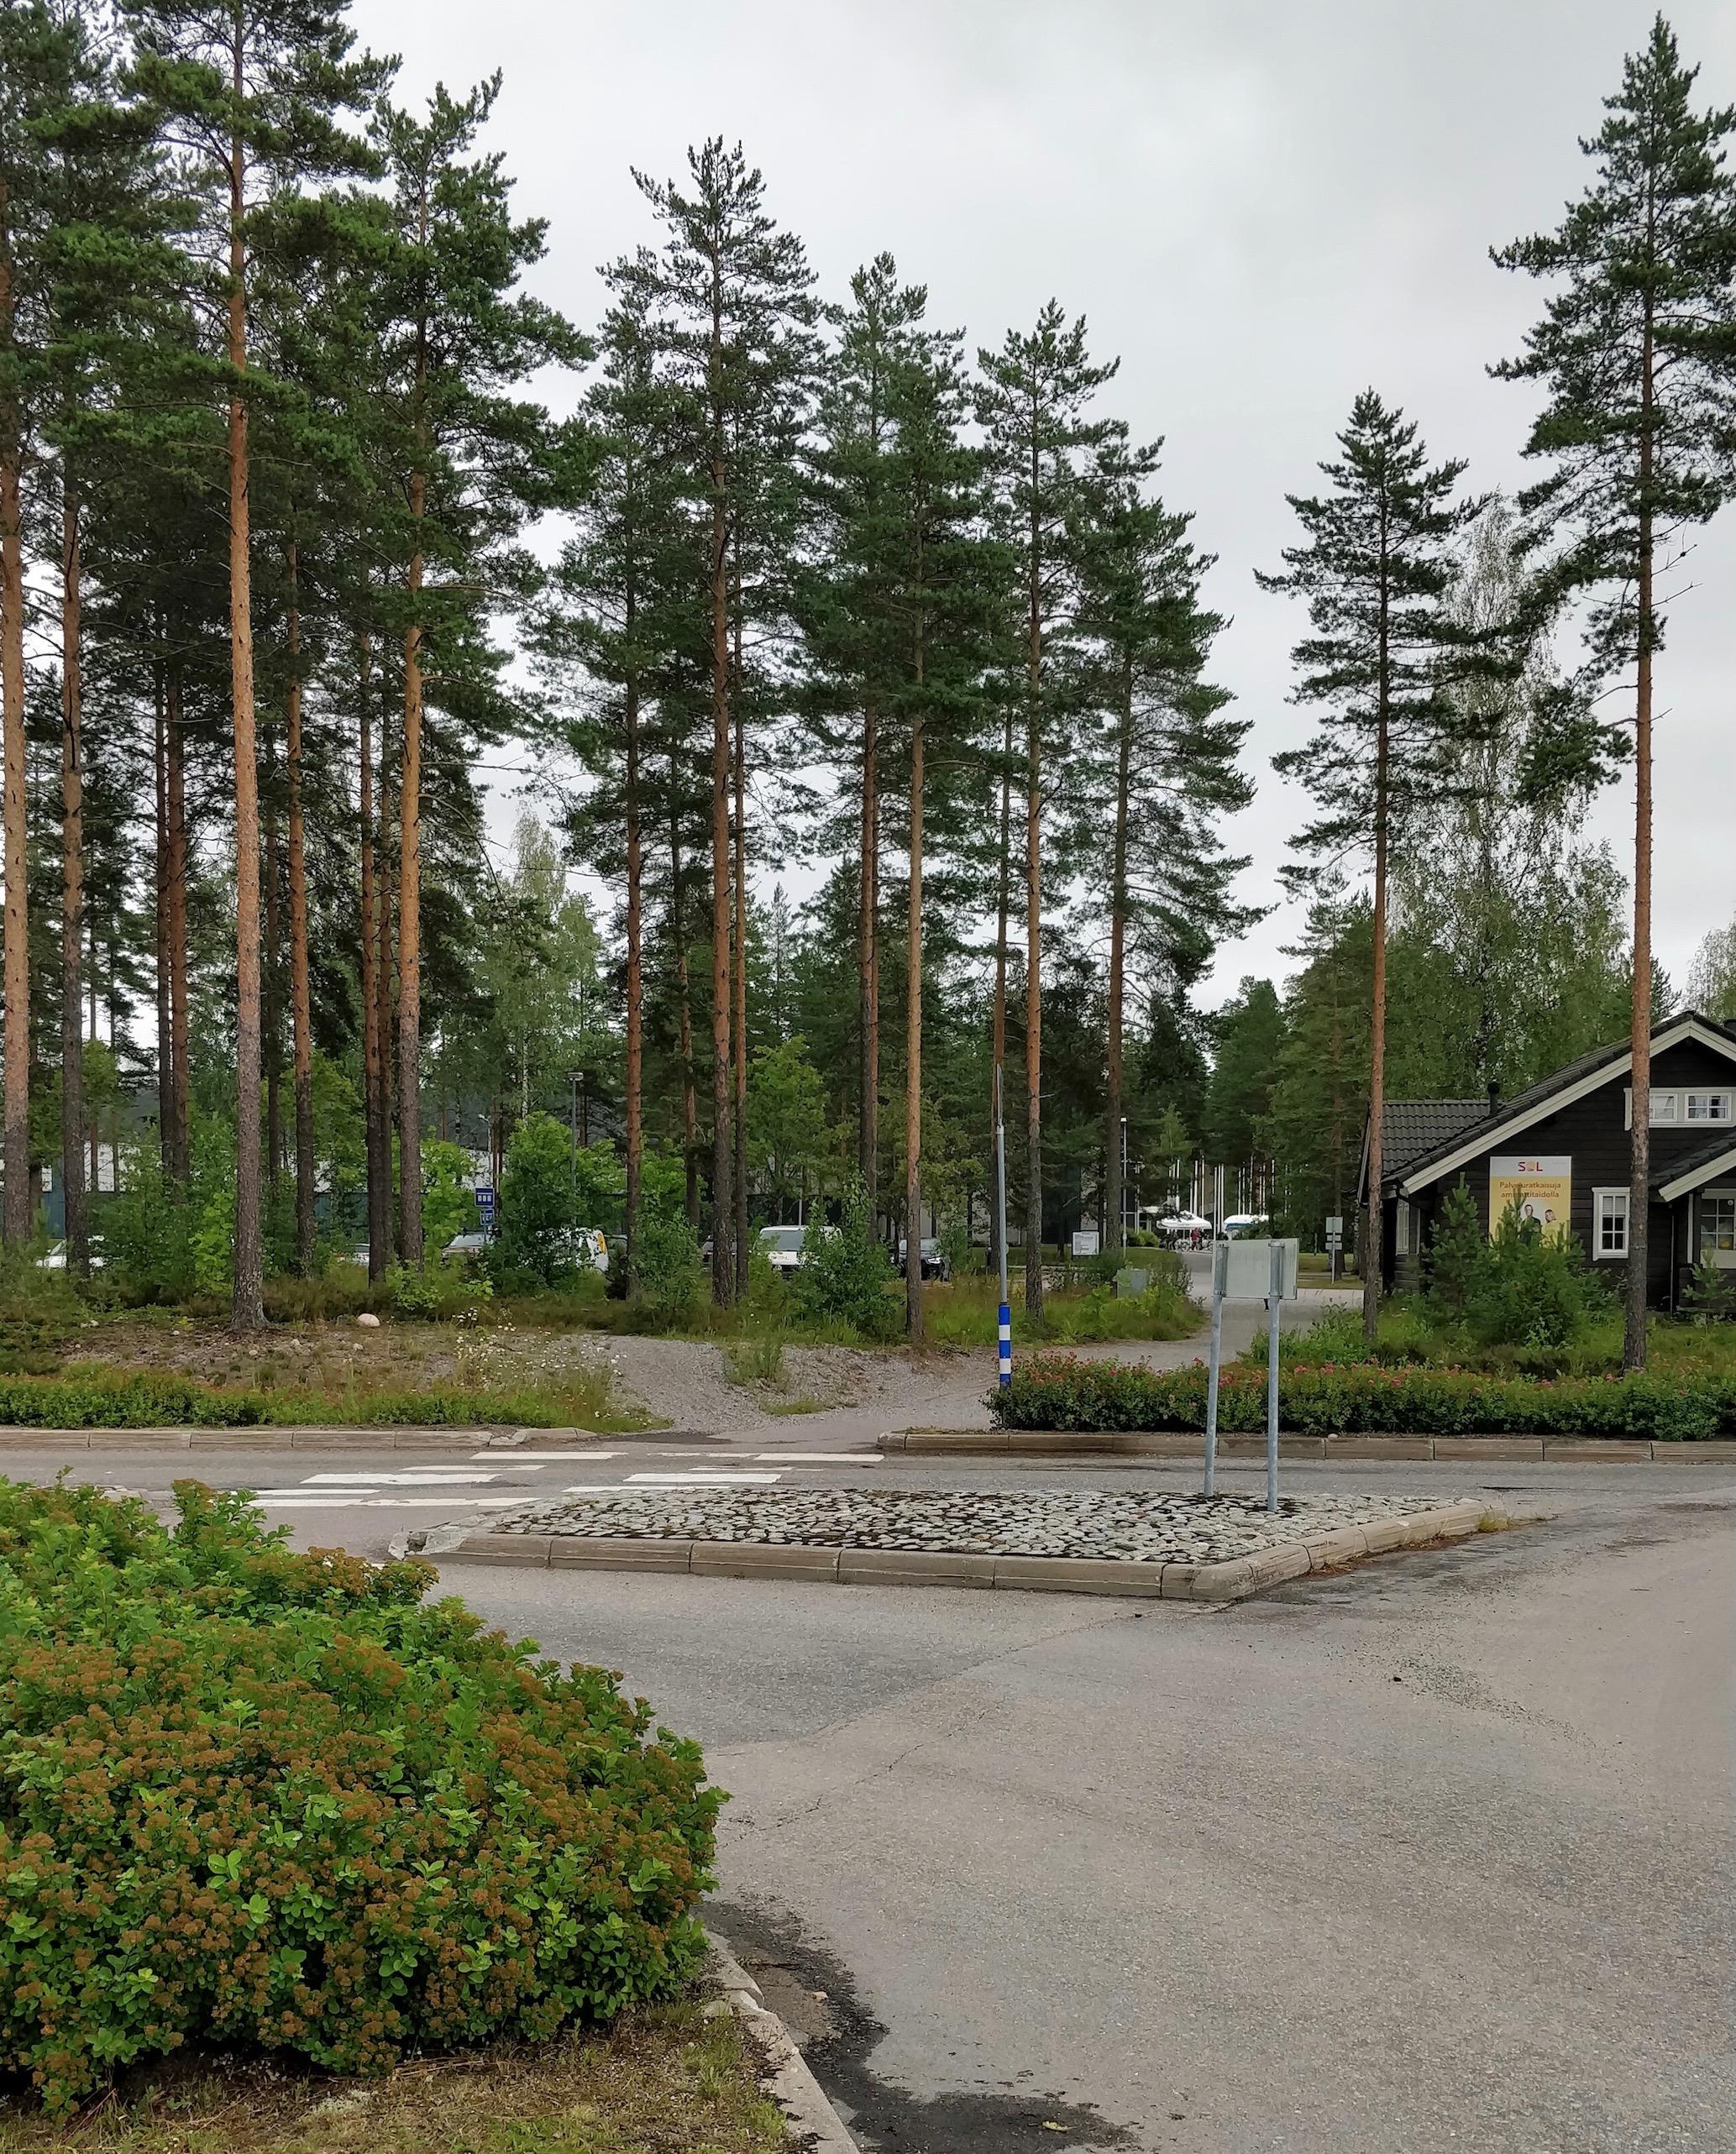 Kuvan etualalla näkyvä metsä on tapahtumapaikka. Metsän takana on Urheiluopiston päärakennus.